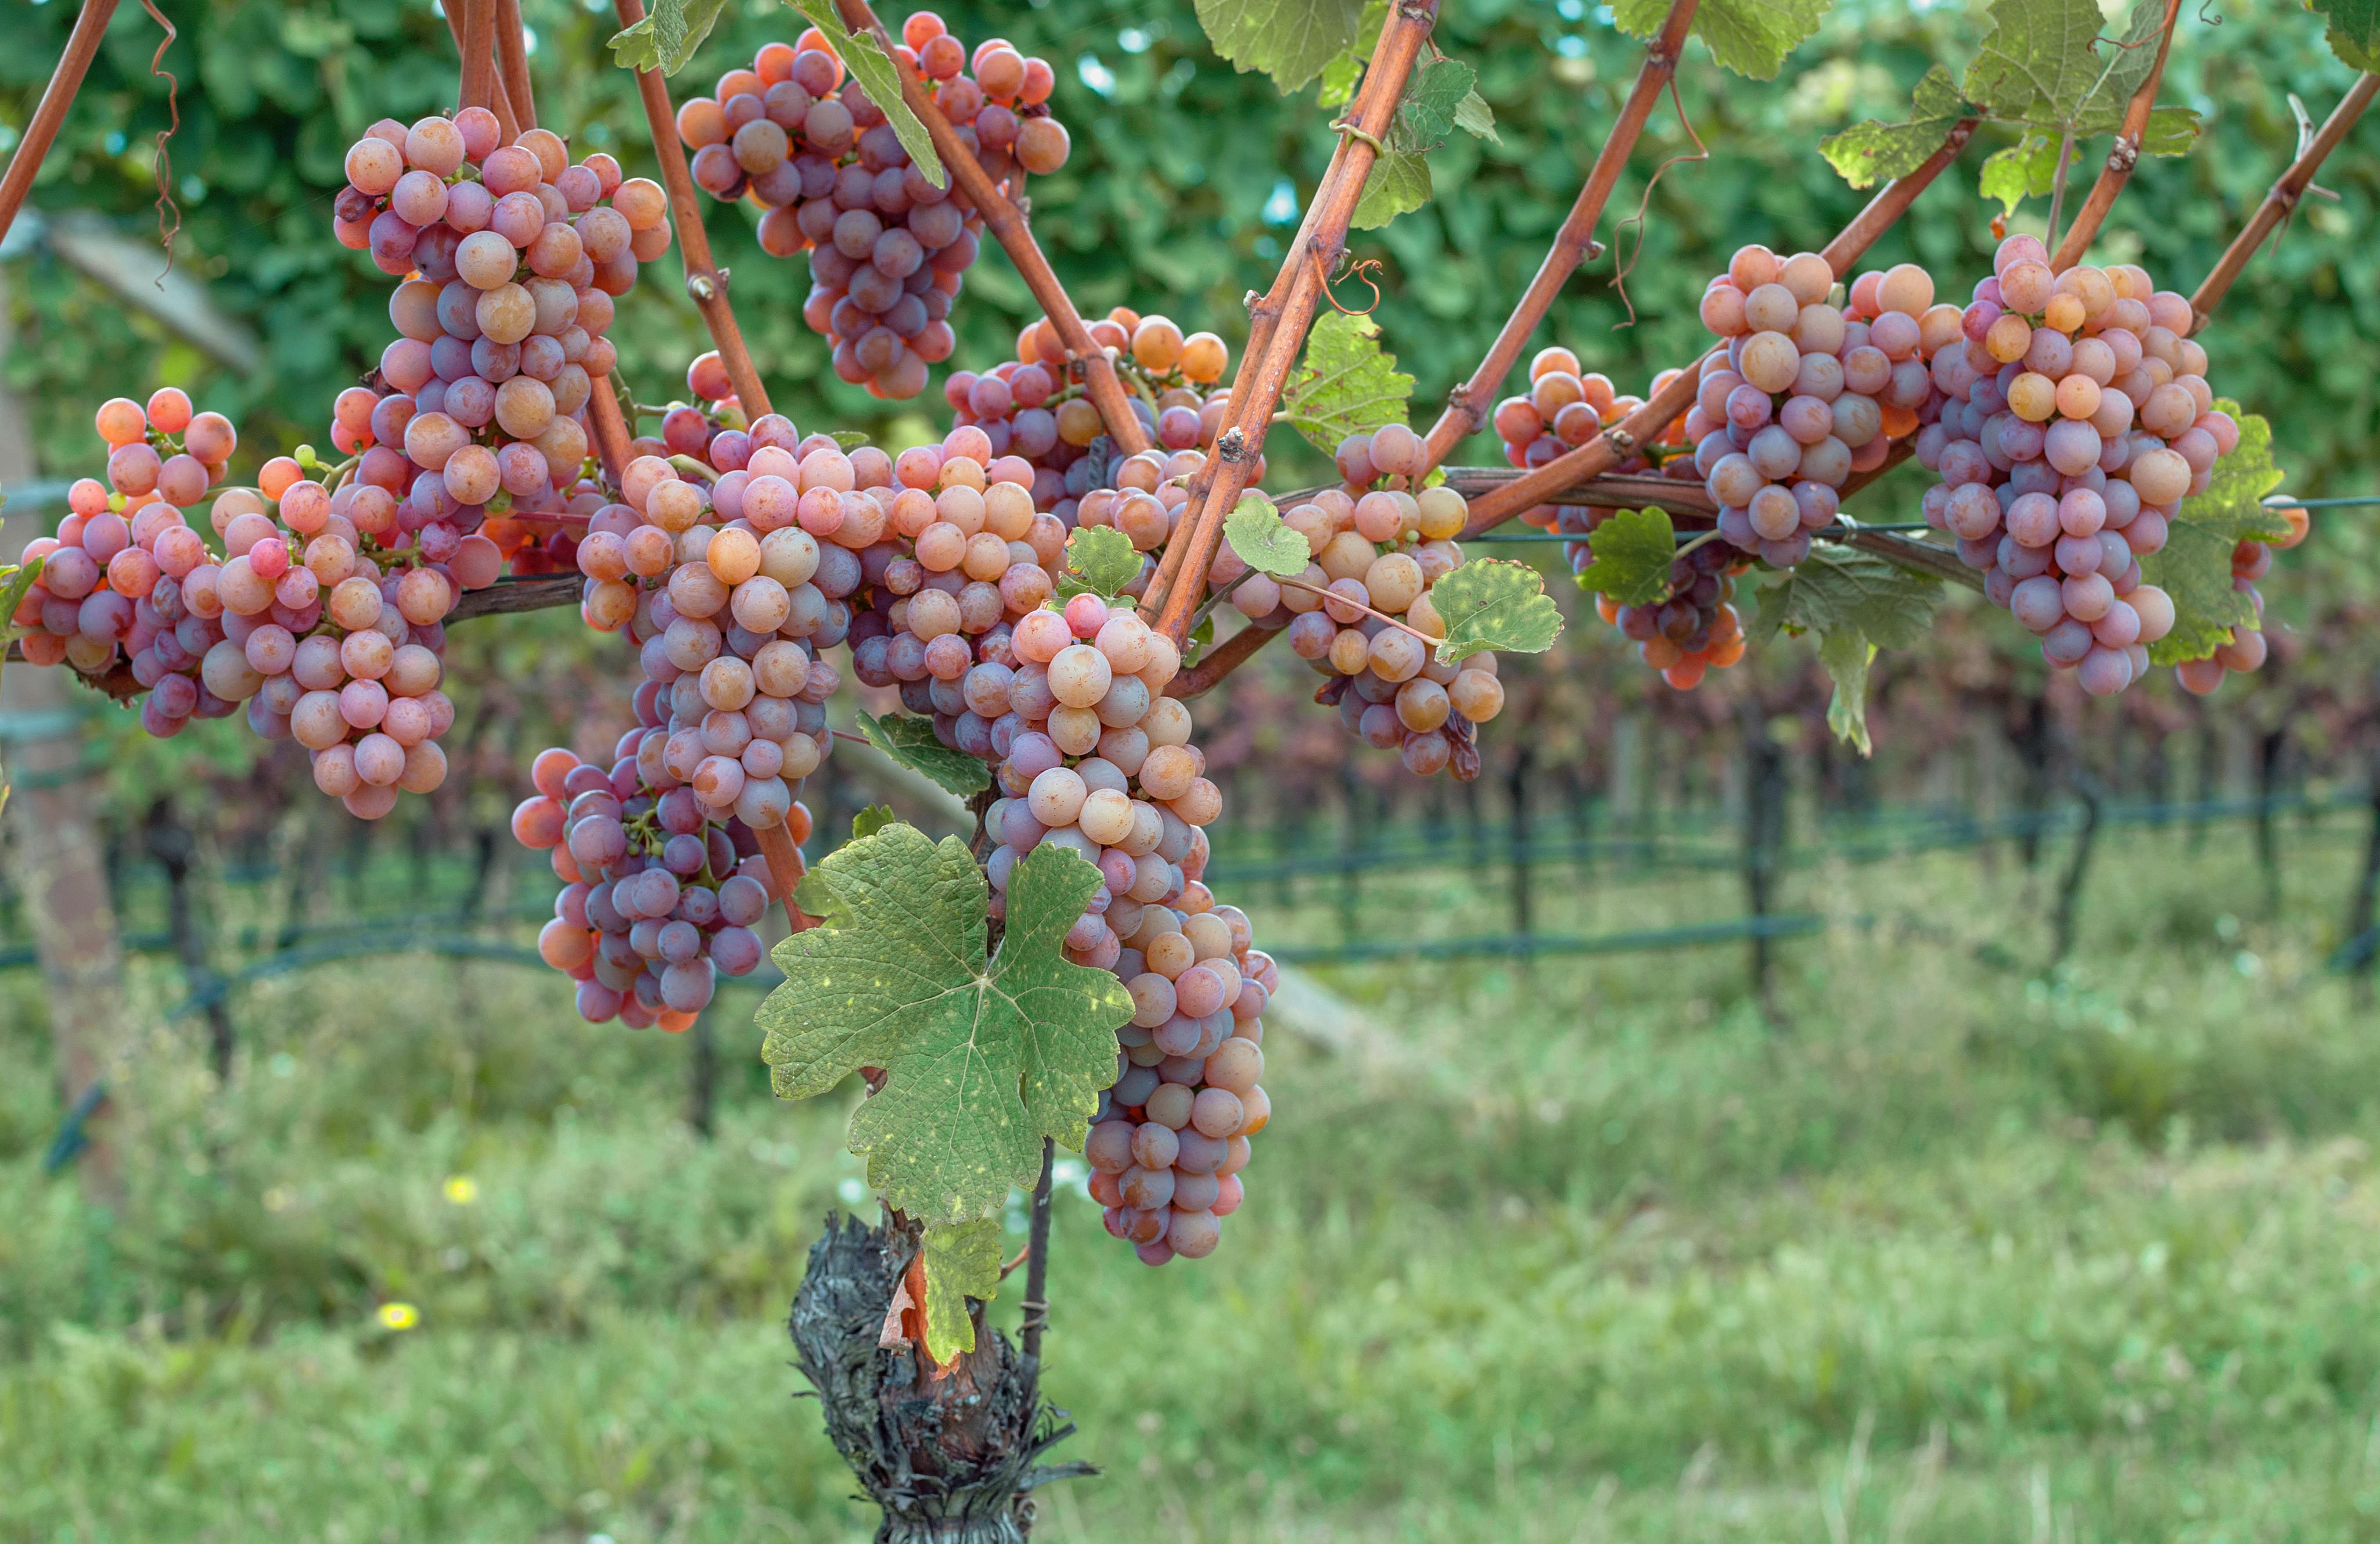 ゲヴェルツトラミネールのブドウ畑